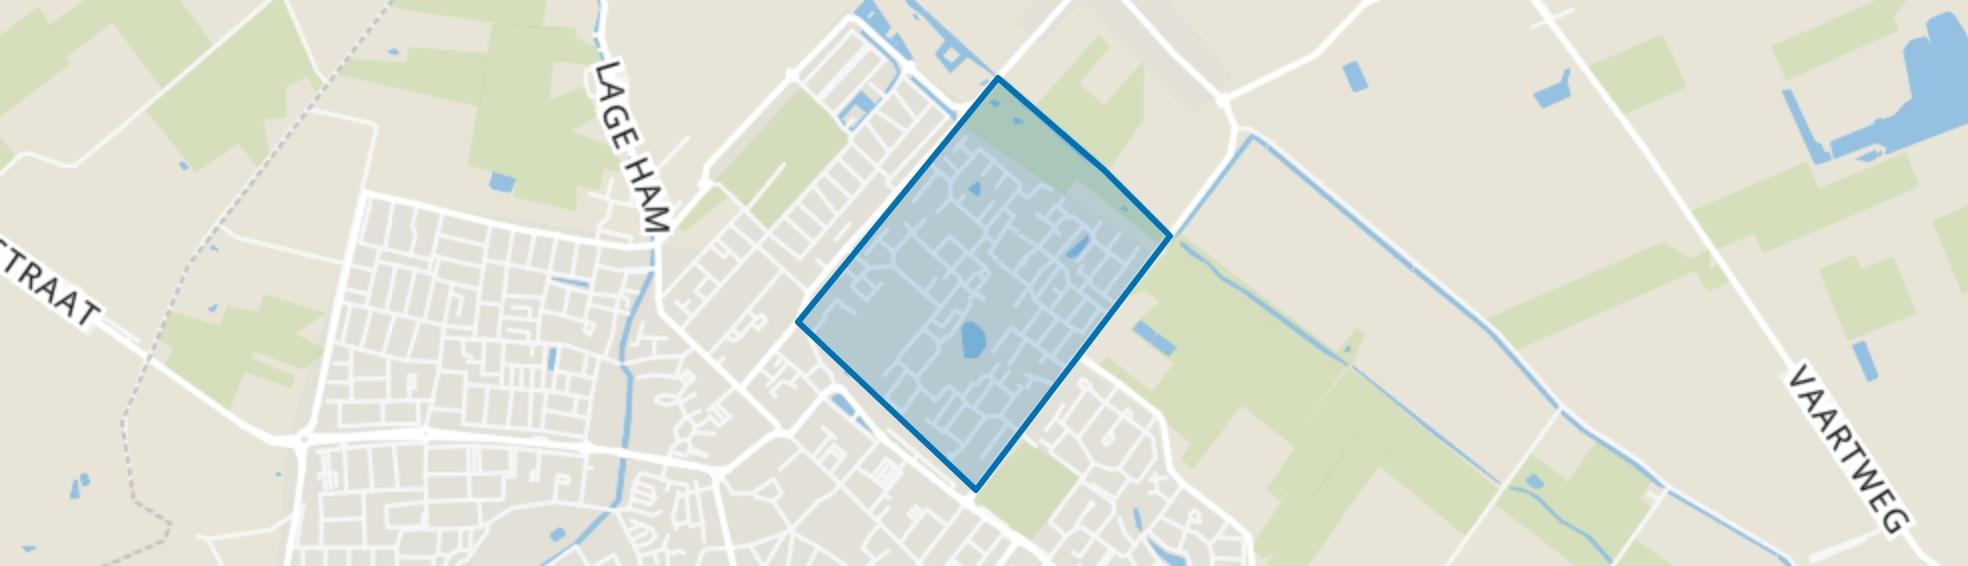 Biezen, Dongen map